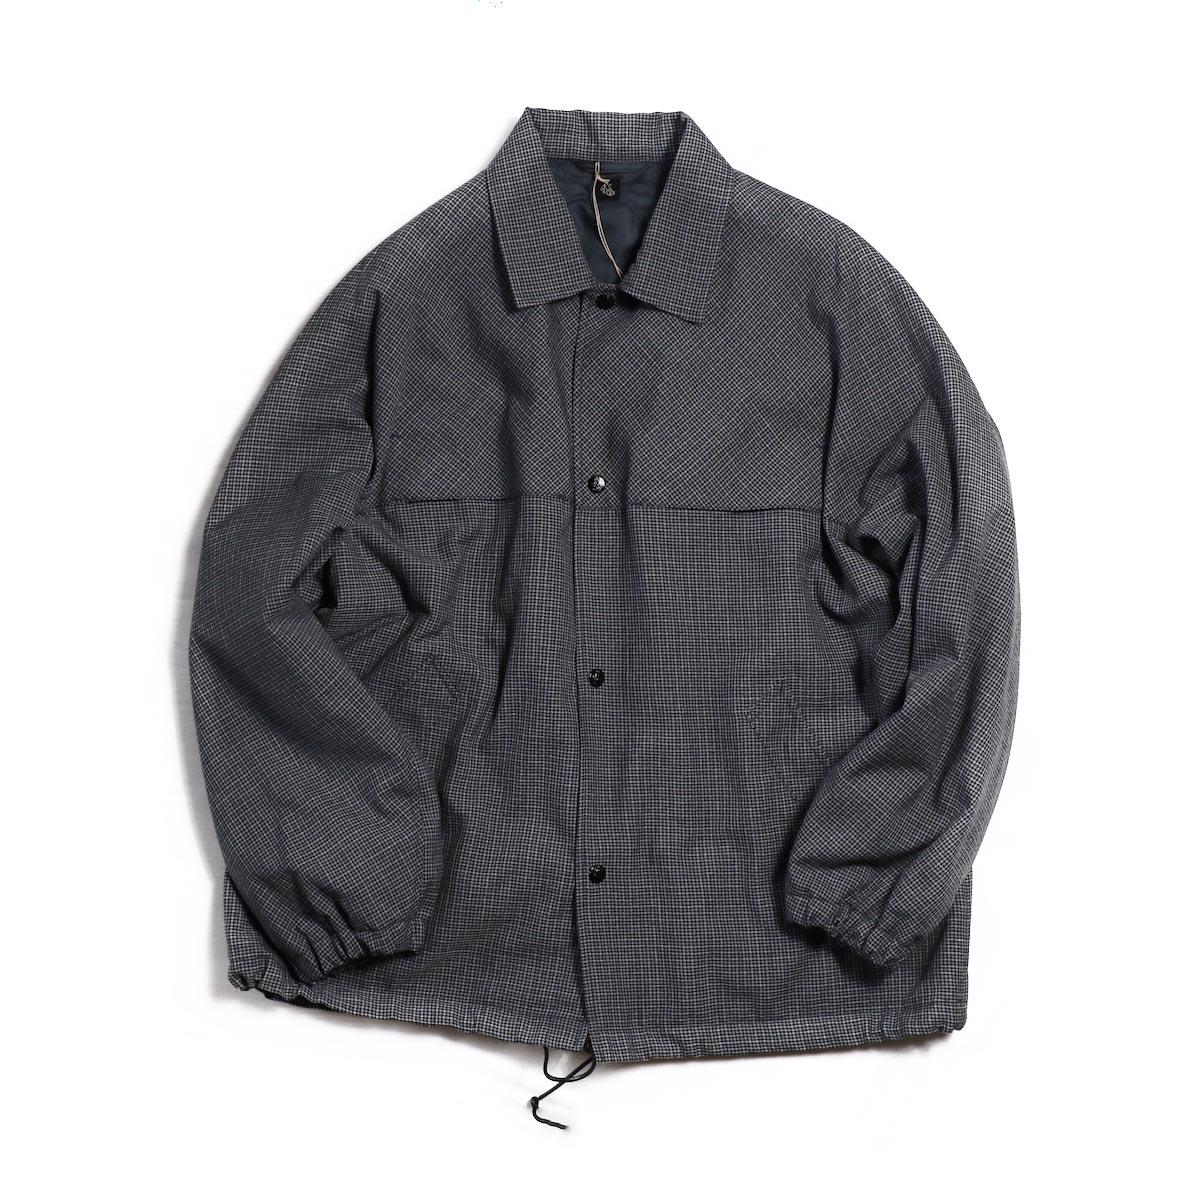 Kaptain Sunshine / Coatch Jacket -Grey Hound